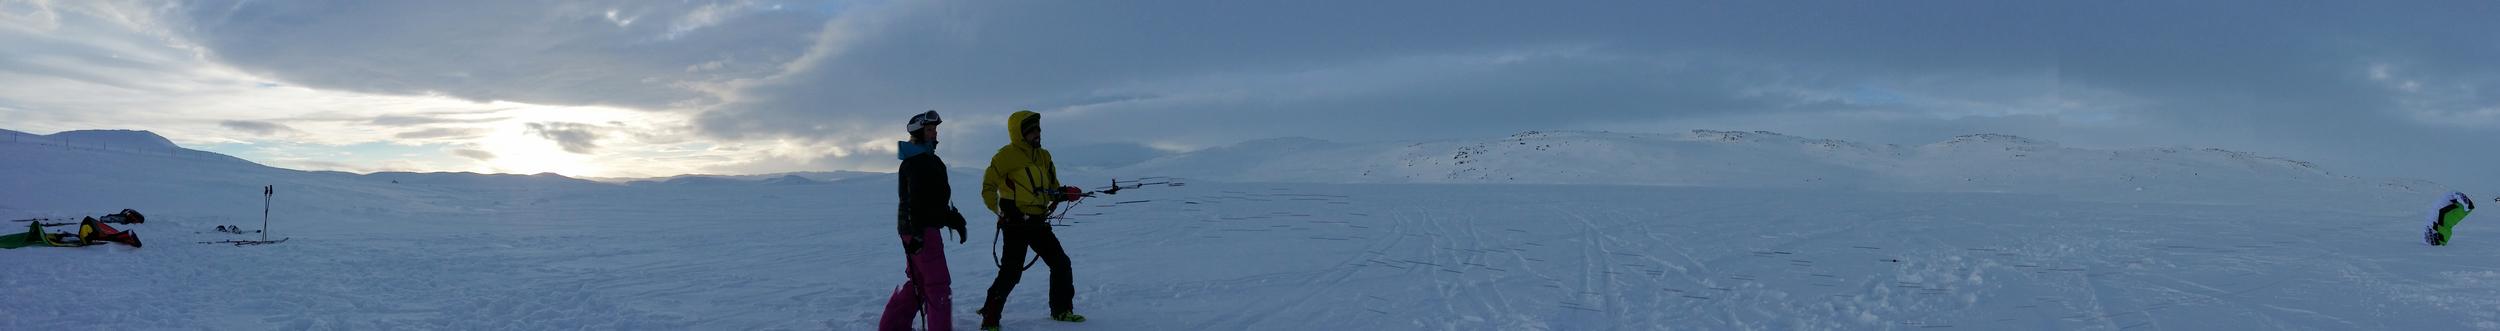 Haugastøl kite lesson